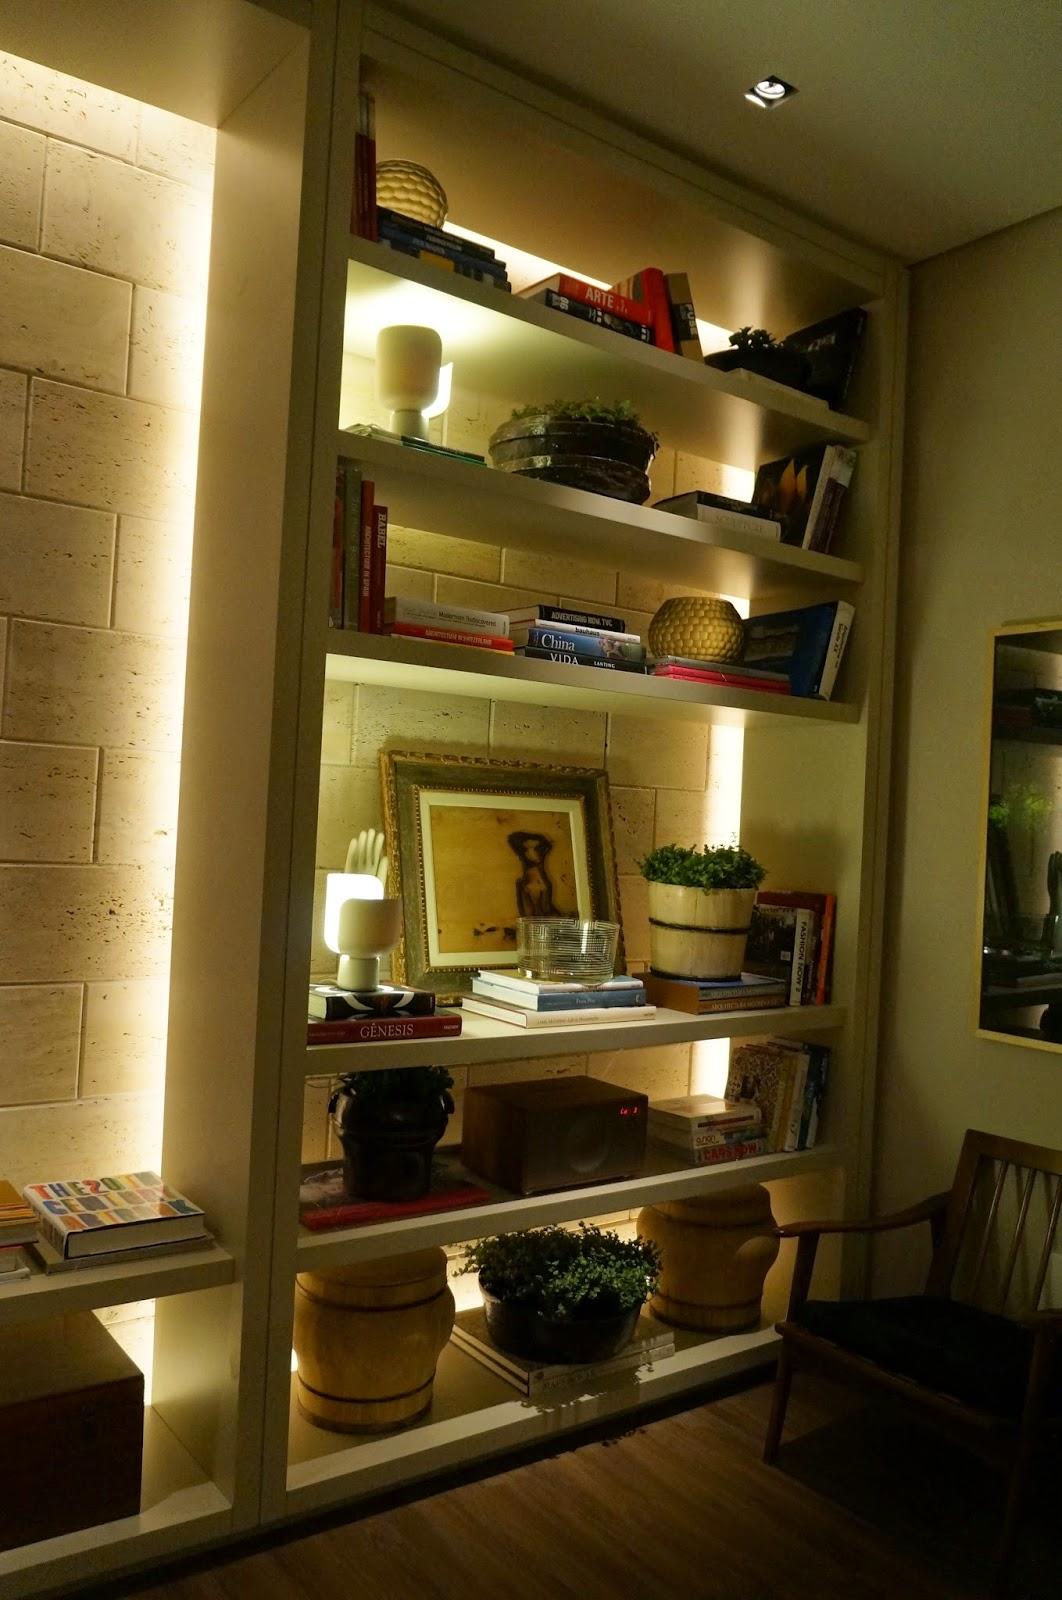 efeito de iluminação por trás da estante - Casa Cor SP 2014